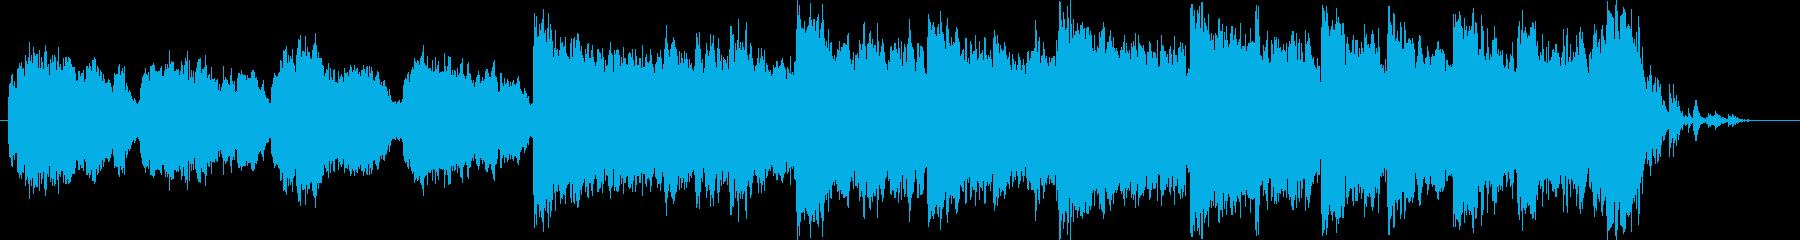 クリスマスをイメージしたBGM01の再生済みの波形